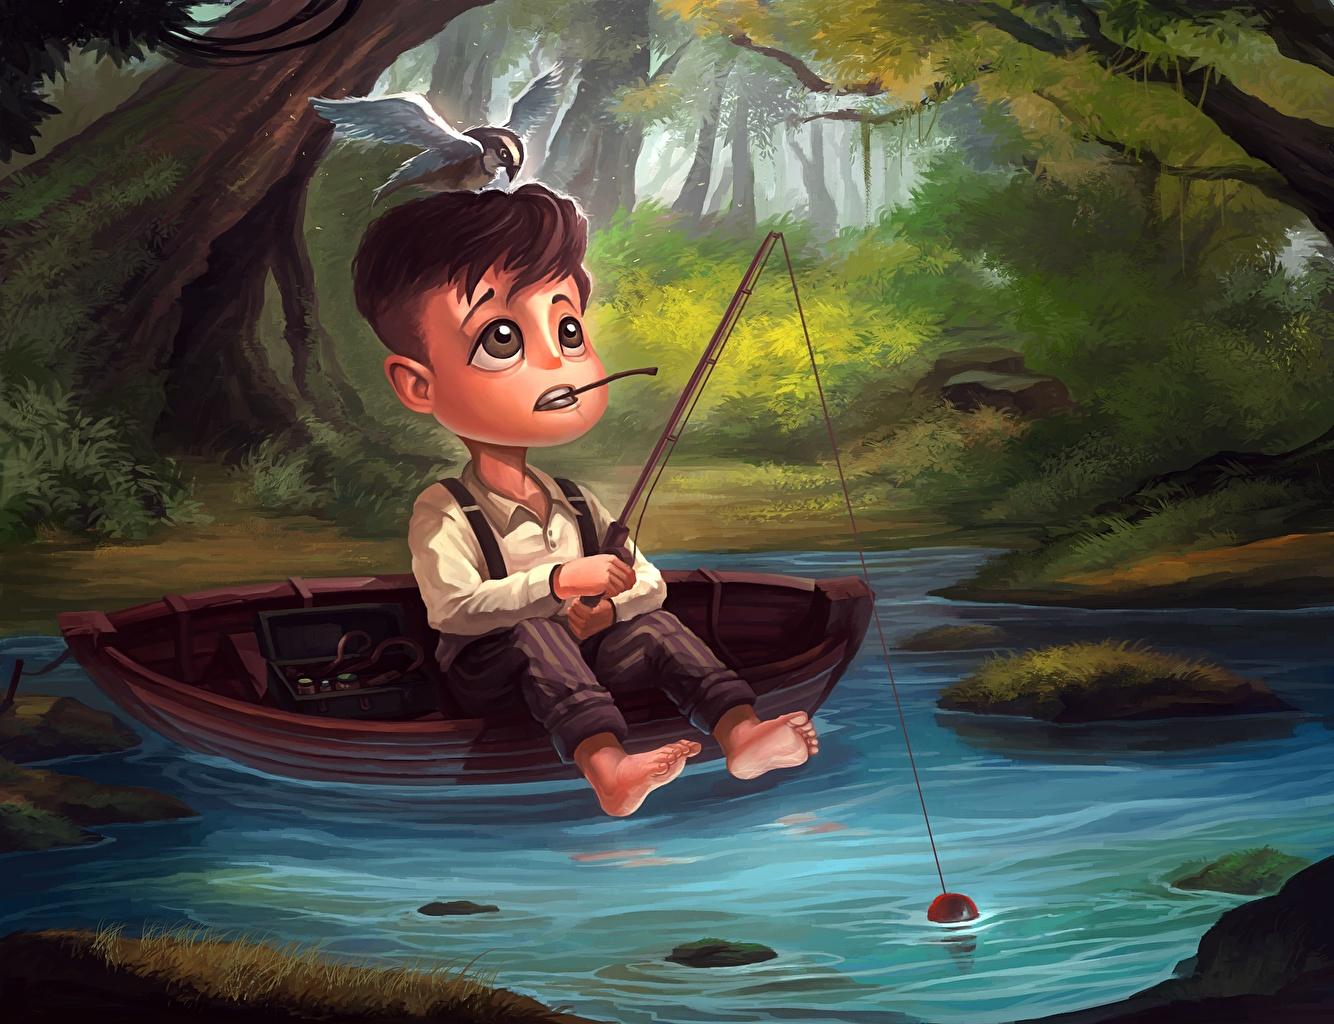 Fonds d'ecran Bateau Étang De pêche Canne à pêche Garçon Fantasy télécharger photo